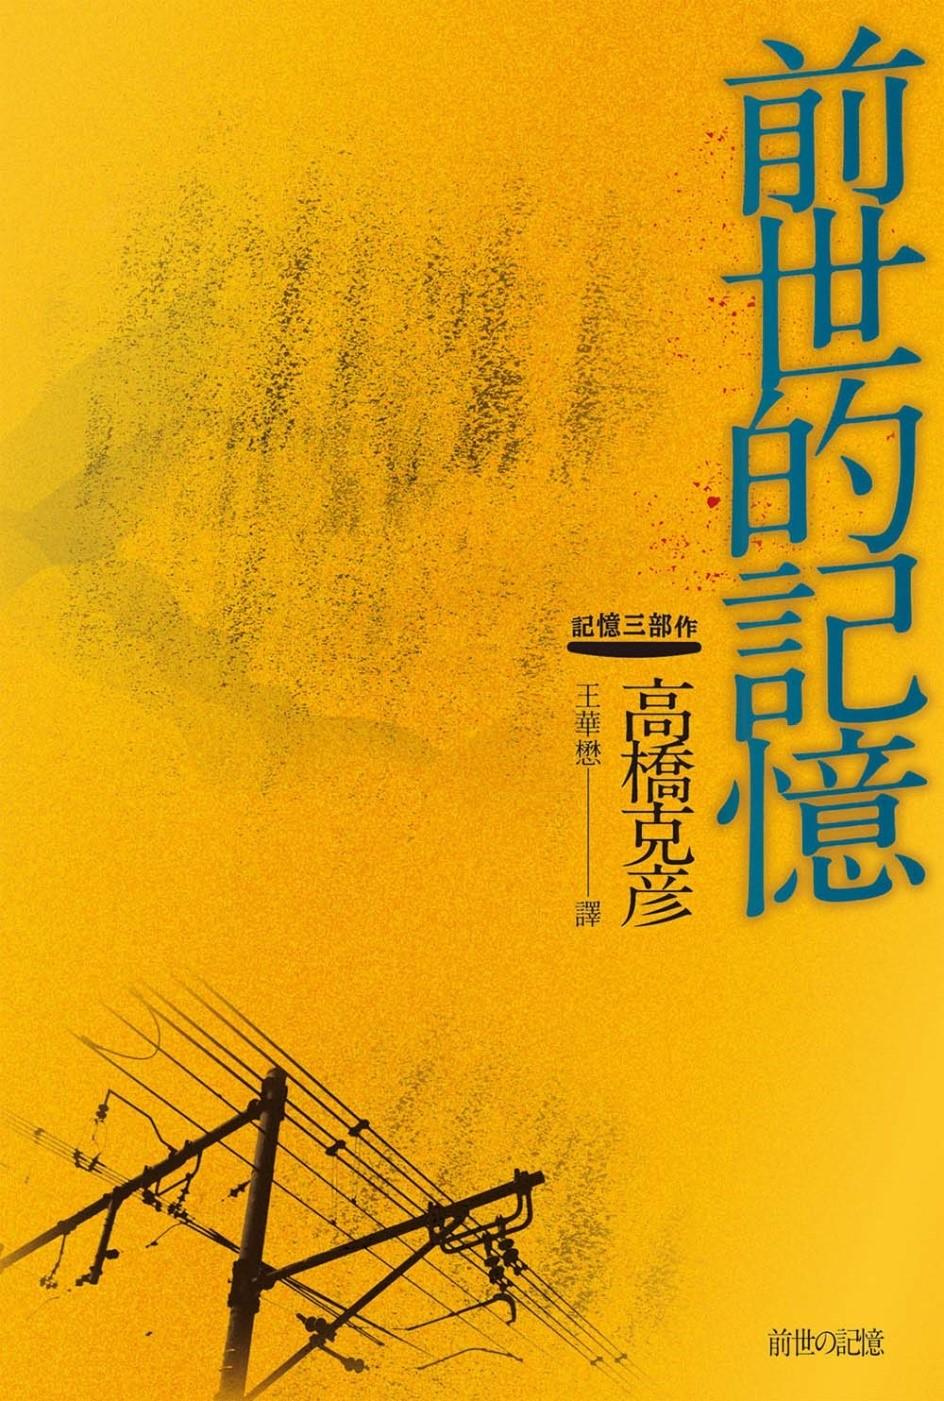 前世的記憶:高橋克彥記憶三部作之二 (電子書)